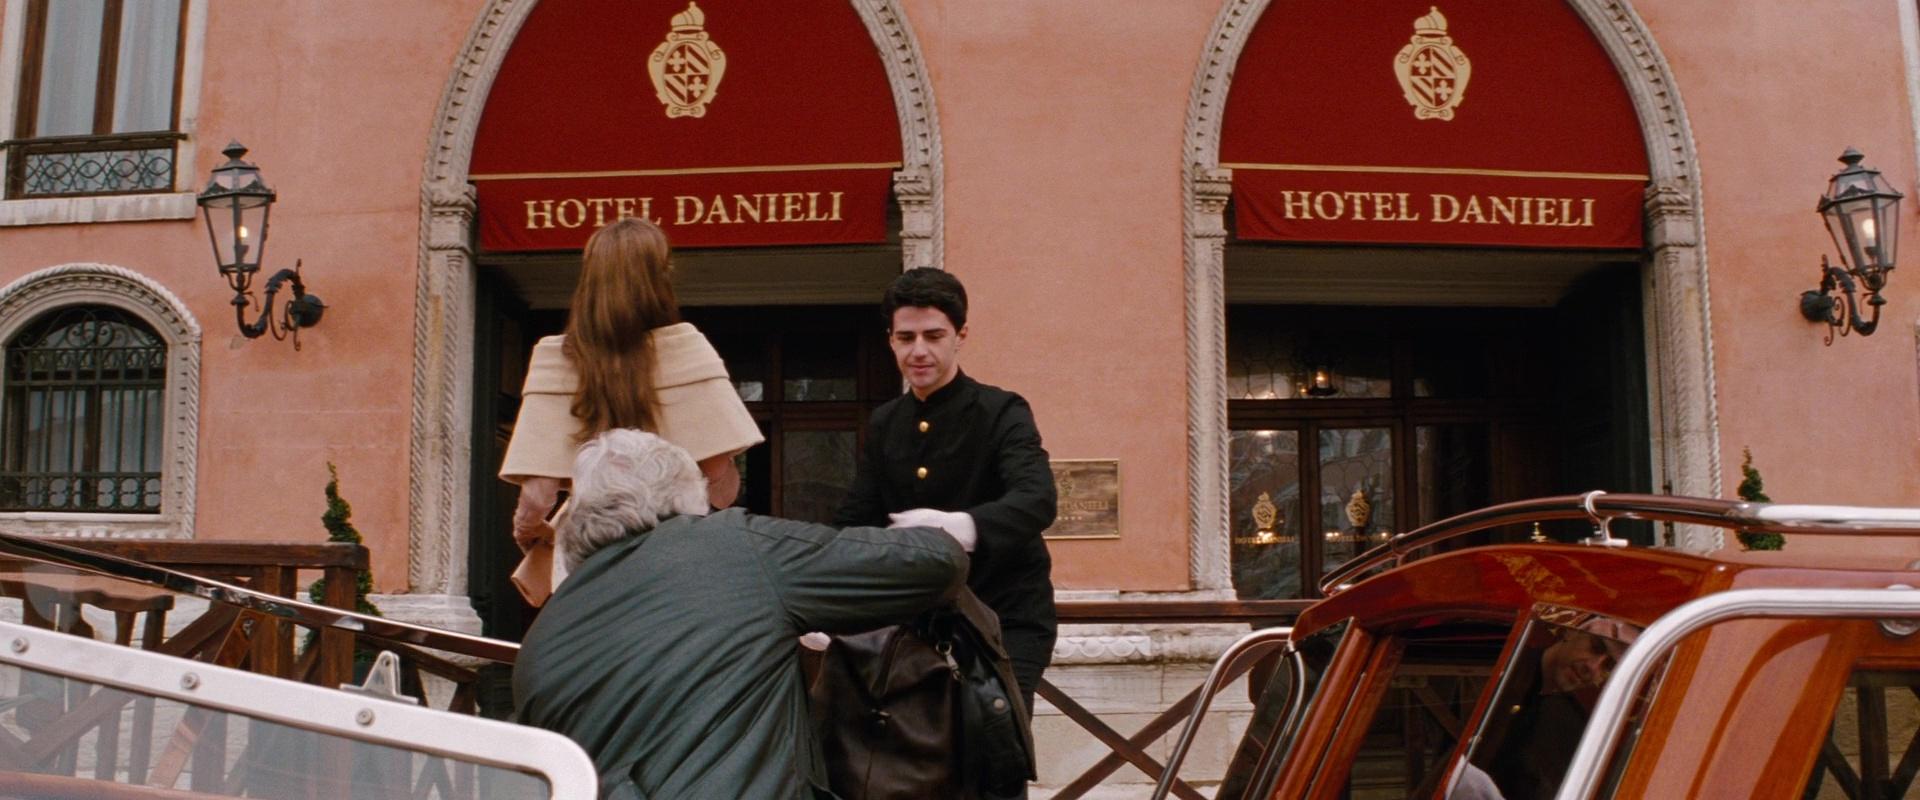 Hotel Danieli Venice Italy In The Tourist 2010 Movie